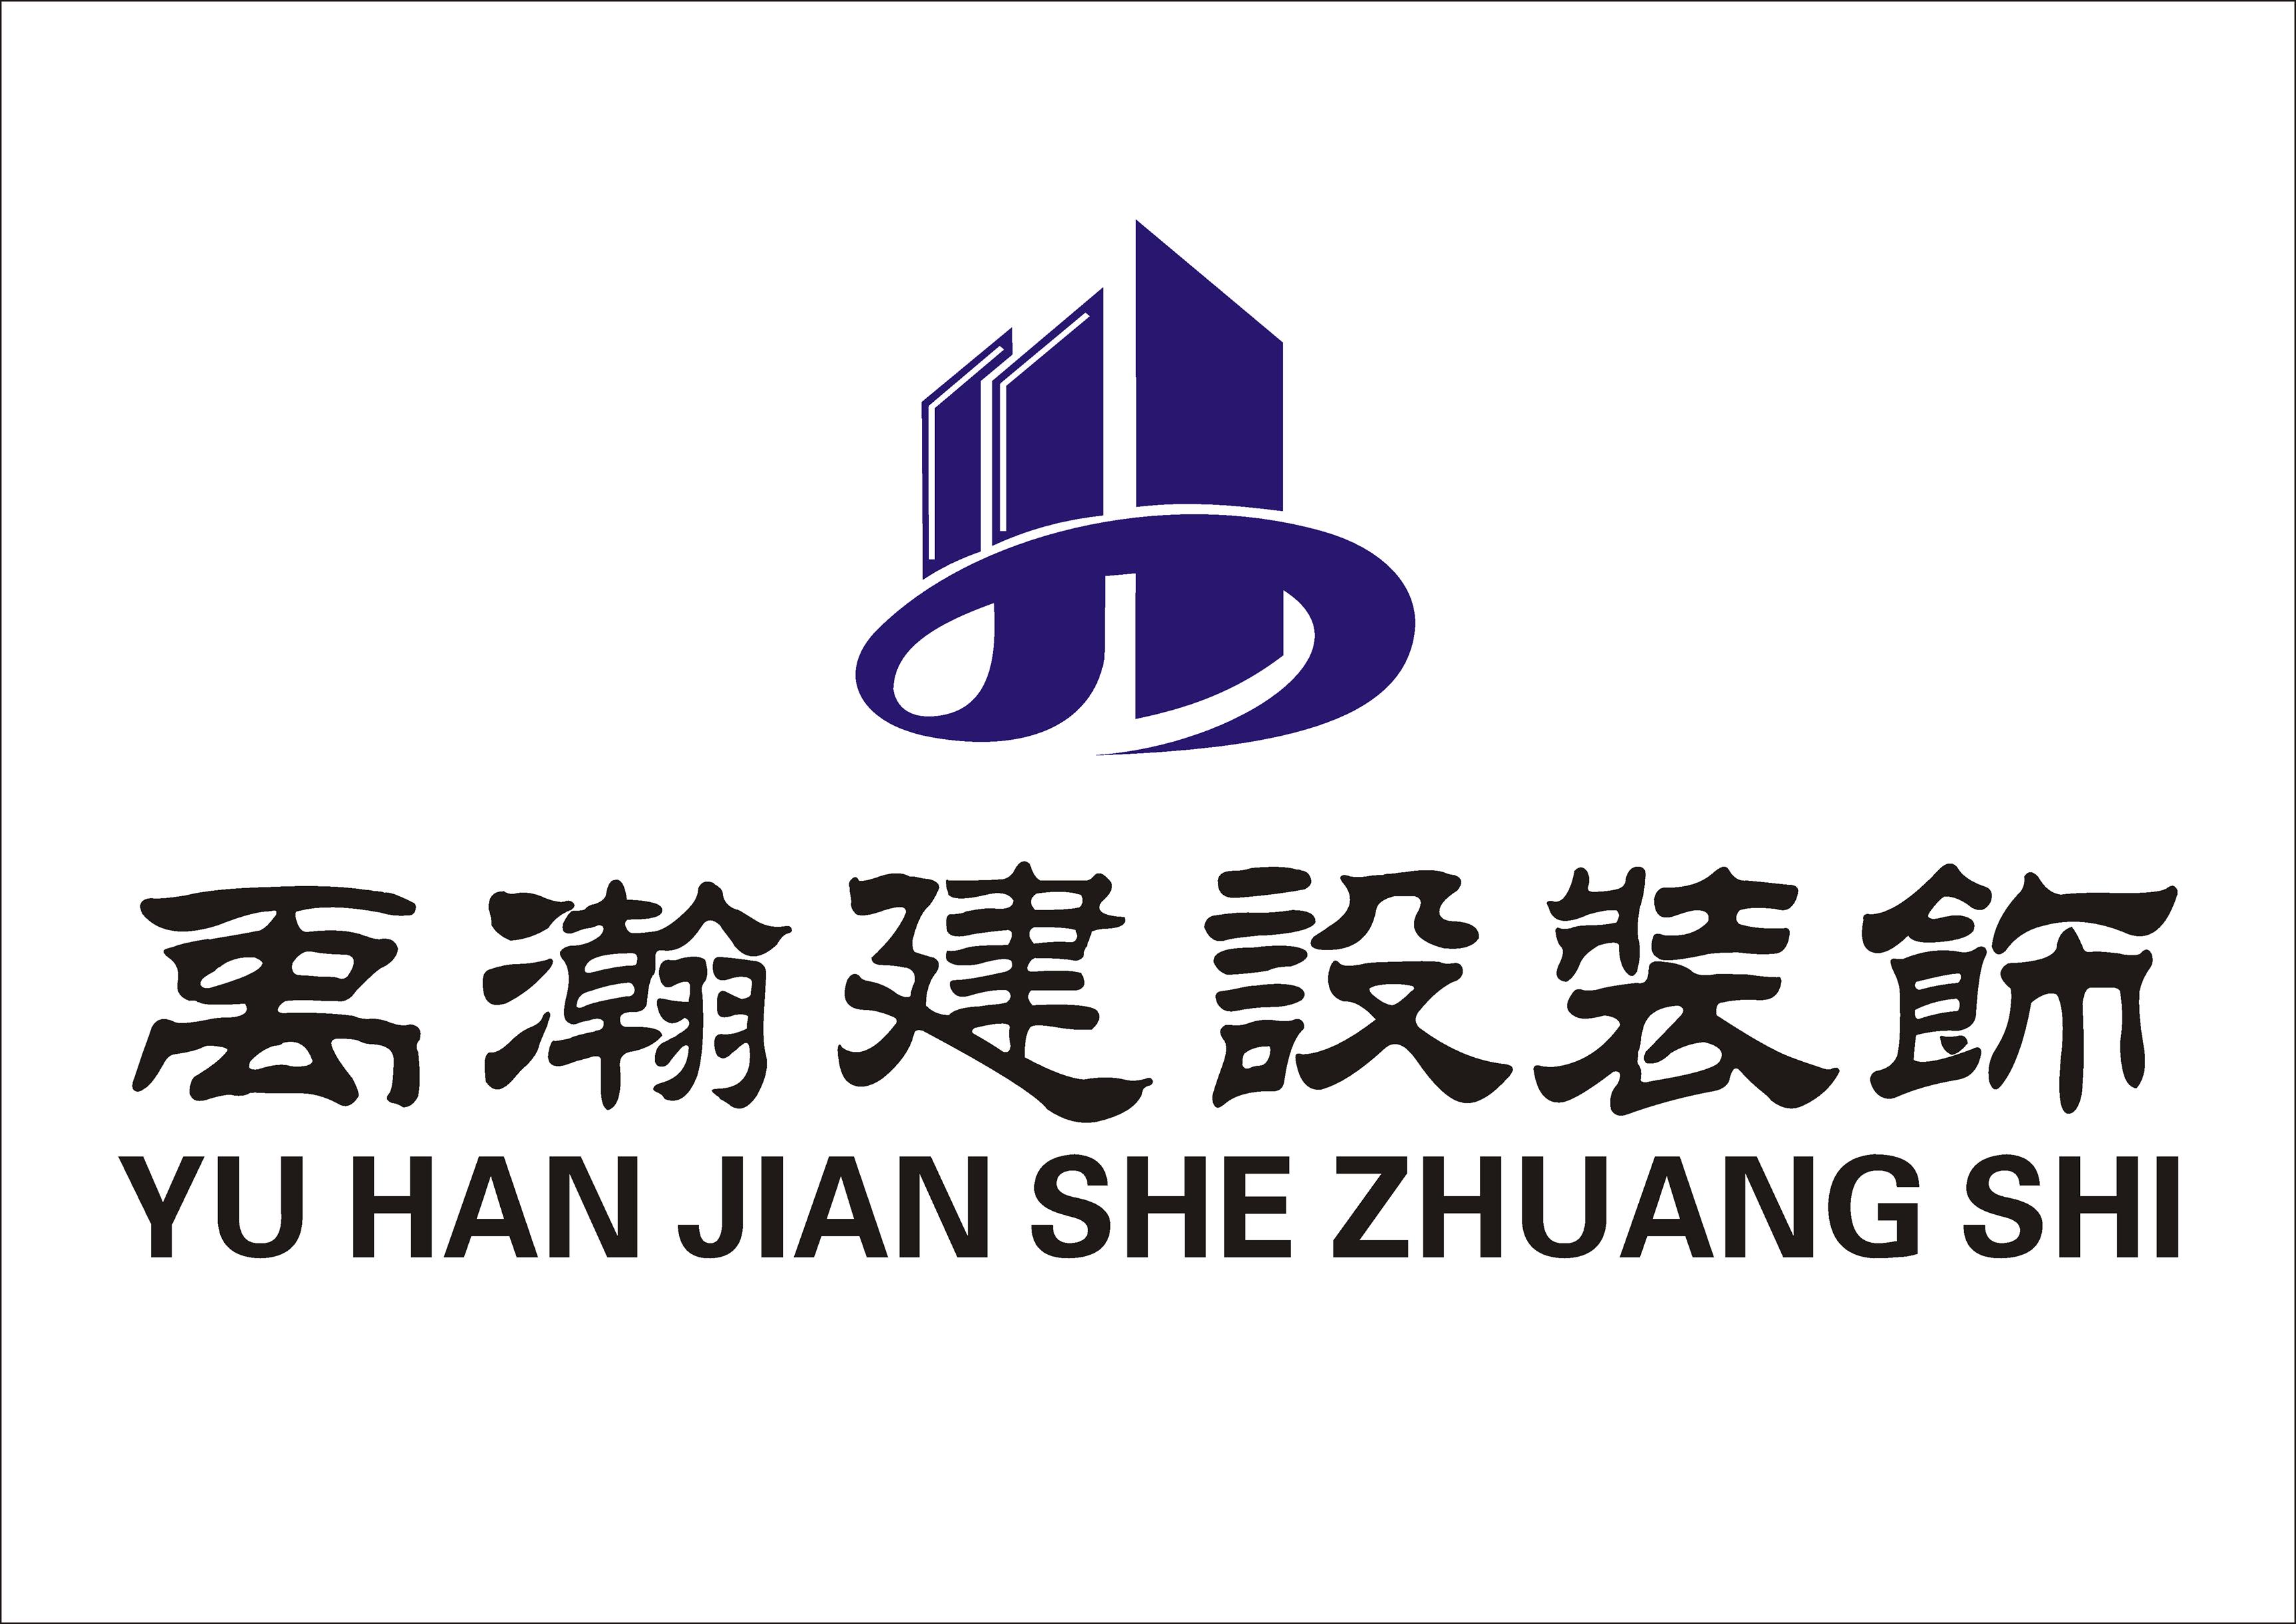 上海禹瀚建设工程有限公司